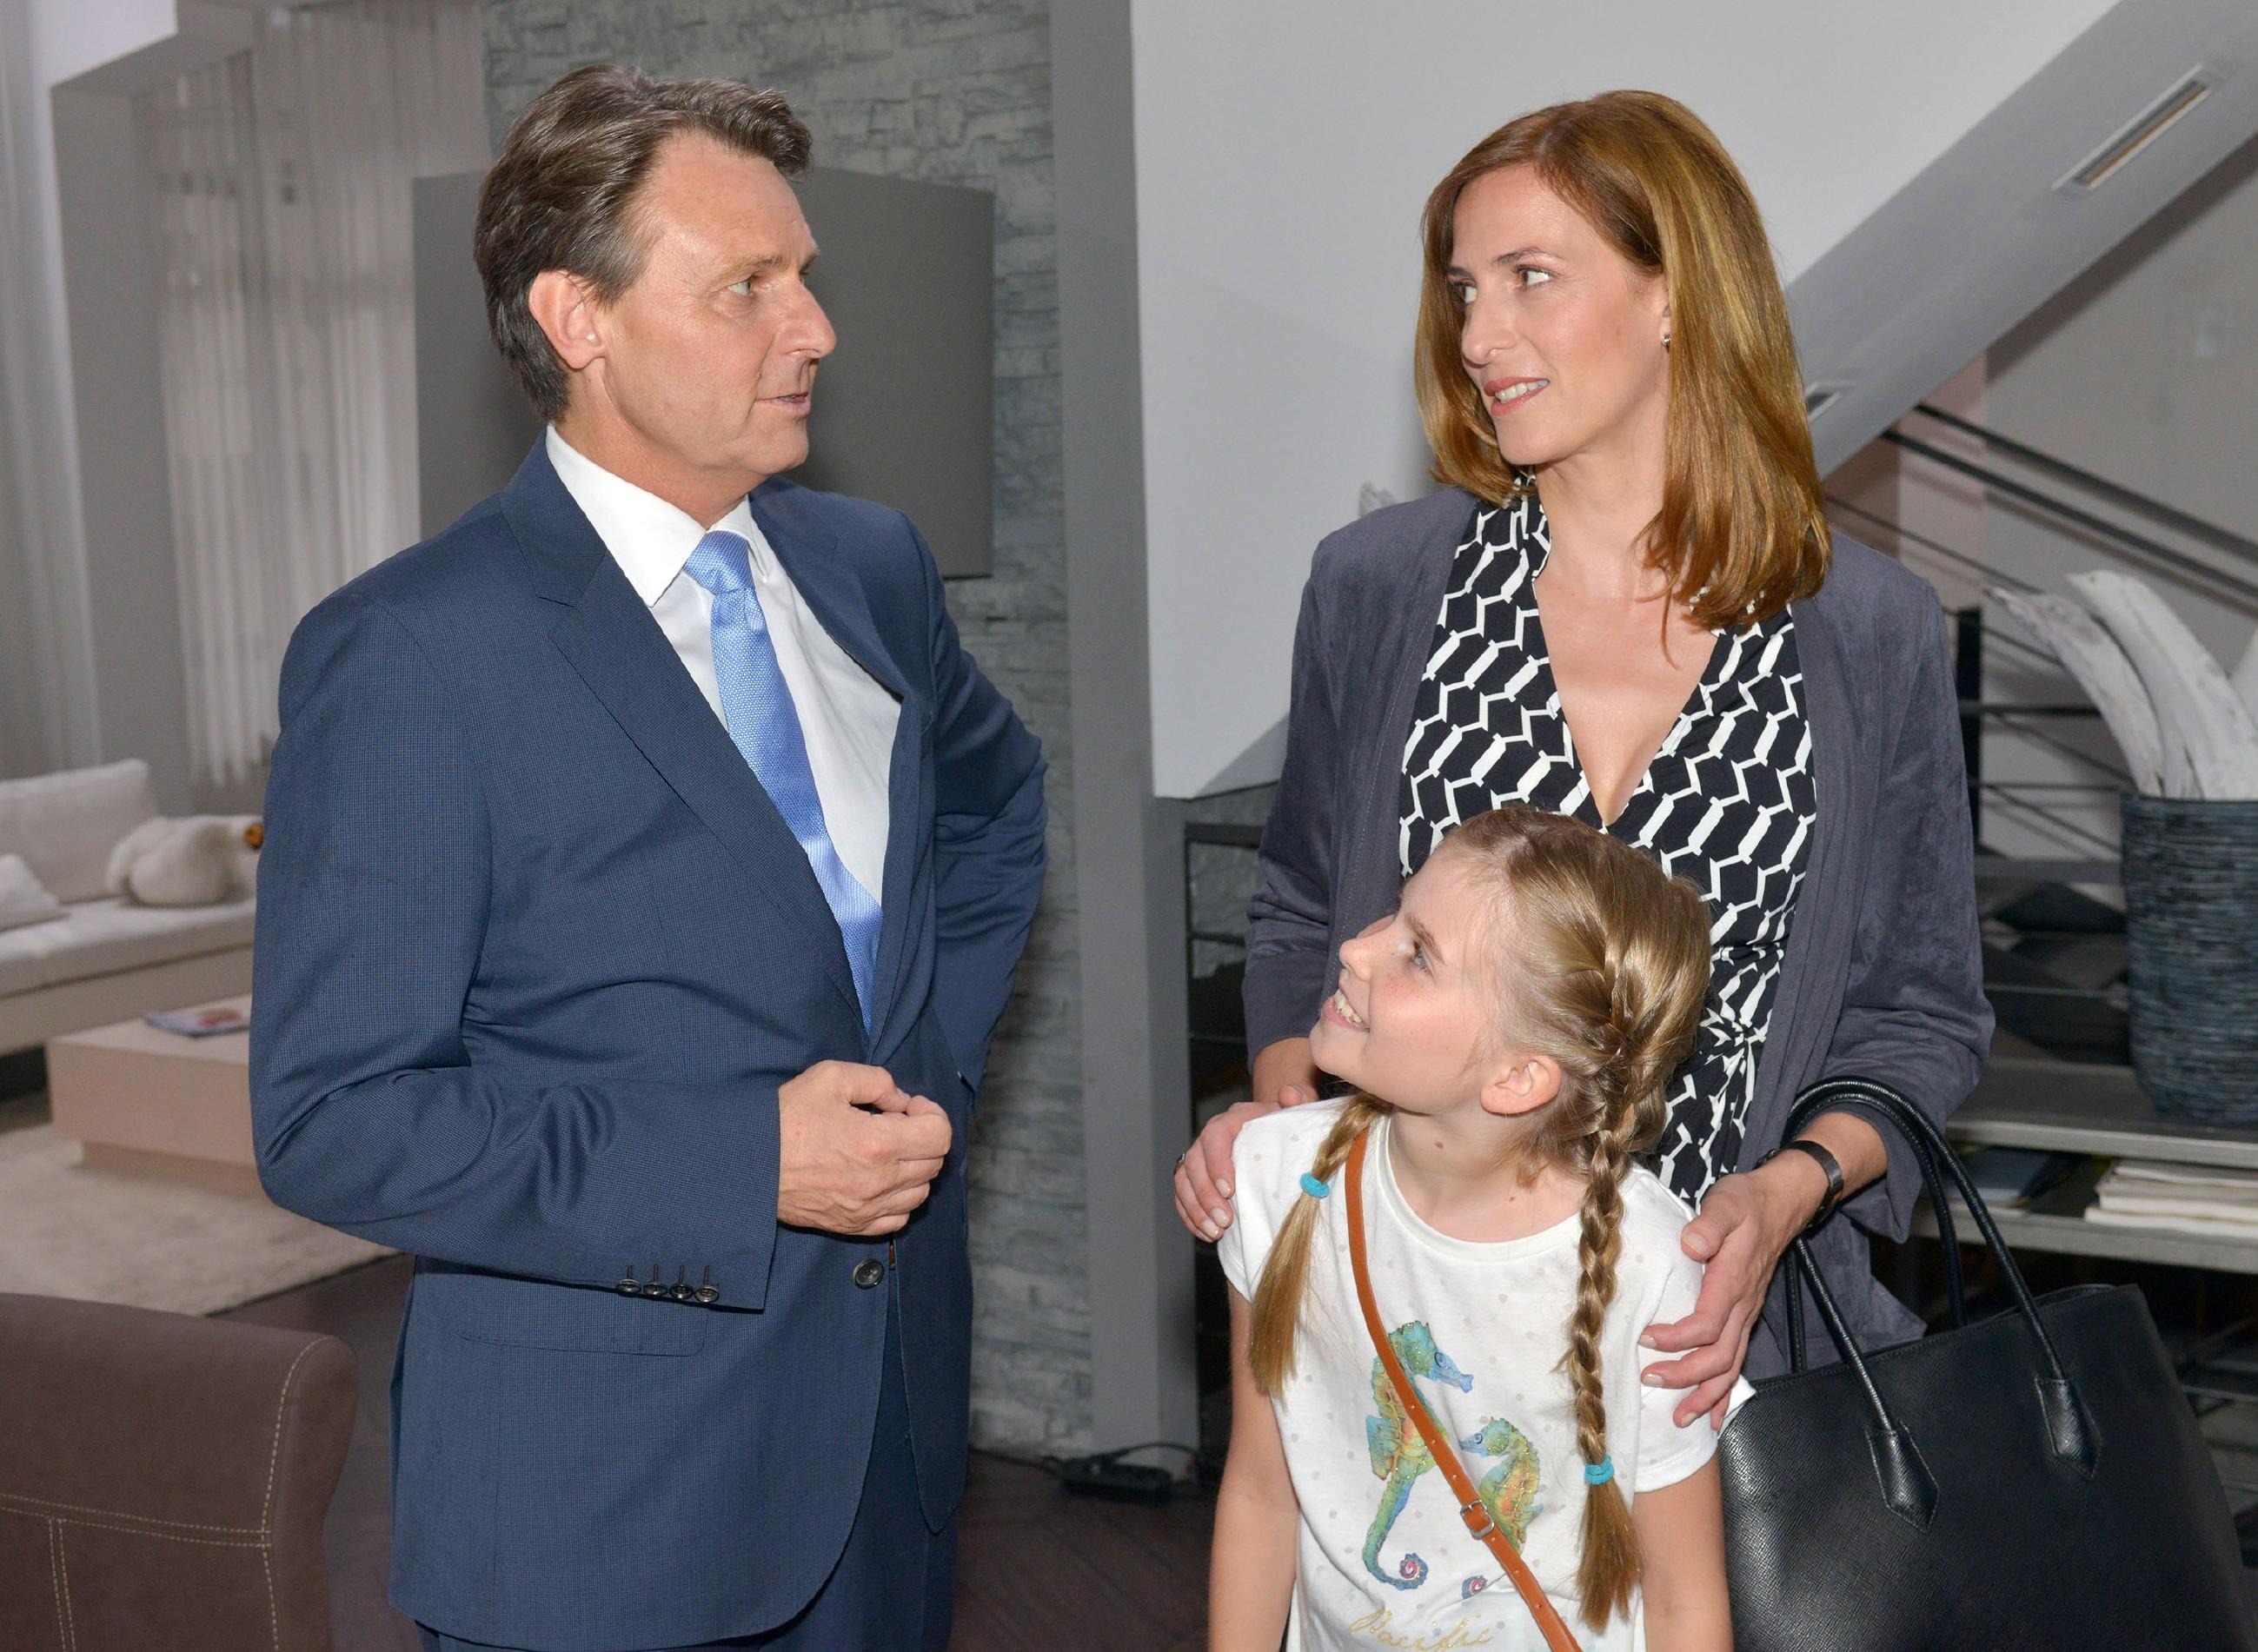 Wird sich Katrin (Ulrike Frank, r.) doch noch auf eine geschäftliche Partnerschaft mit Gerner (Wolfgang Bahro) einlassen? (Quelle: © RTL / Rolf Baumgartner)